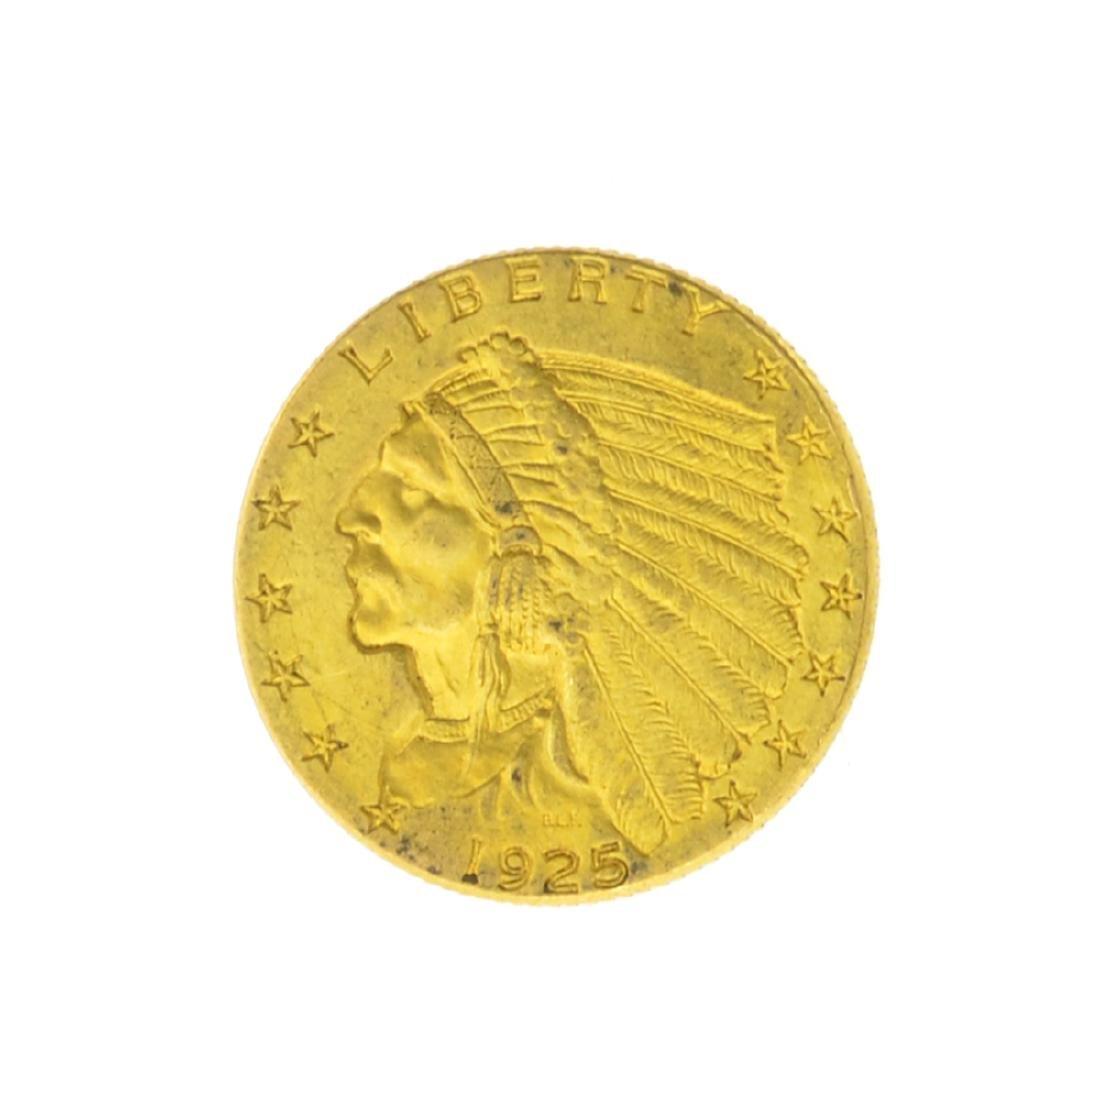 *1925-D $2.50 U.S. Indian Head Gold Coin (JG)